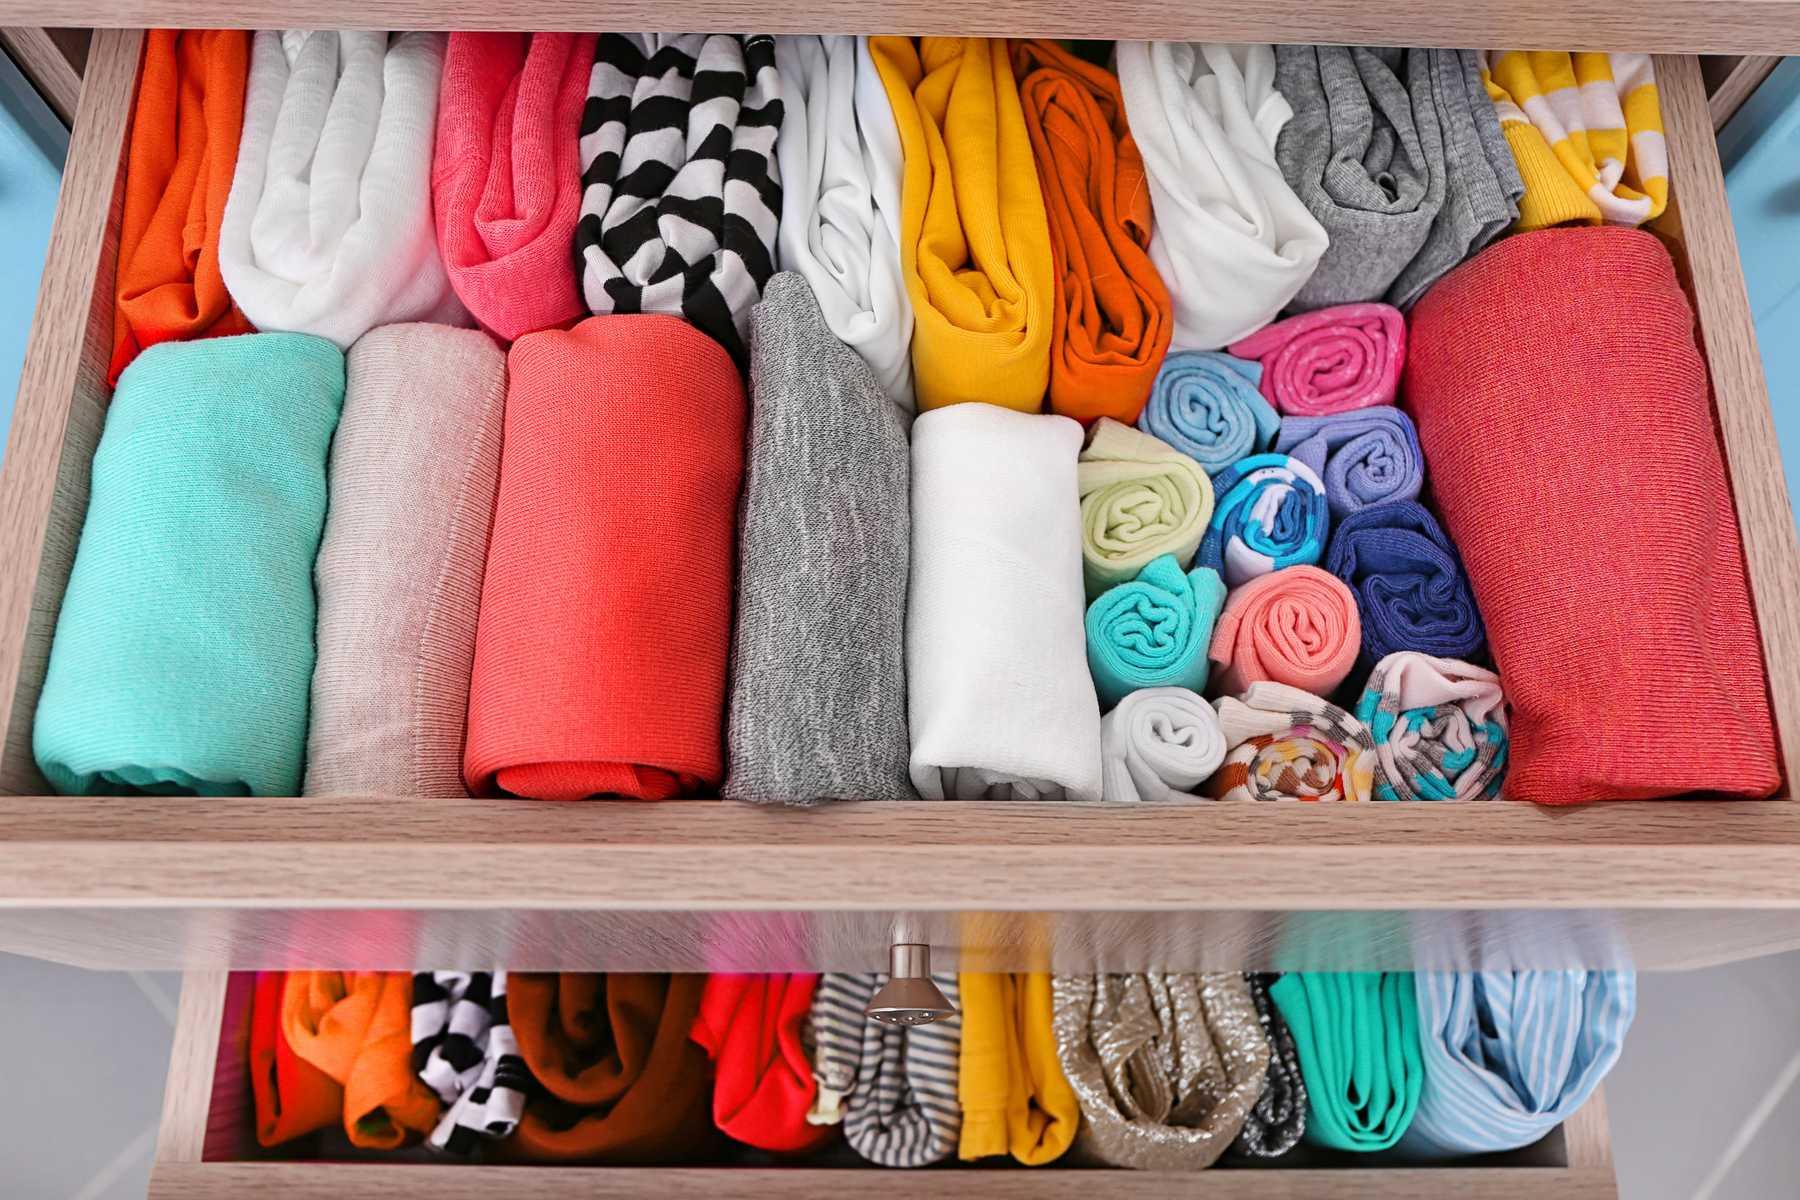 Hướng dẫn cách sắp xếp tủ quần áo: Đồ nào nên treo, đồ nào nên gấp gọn - Ảnh 4.